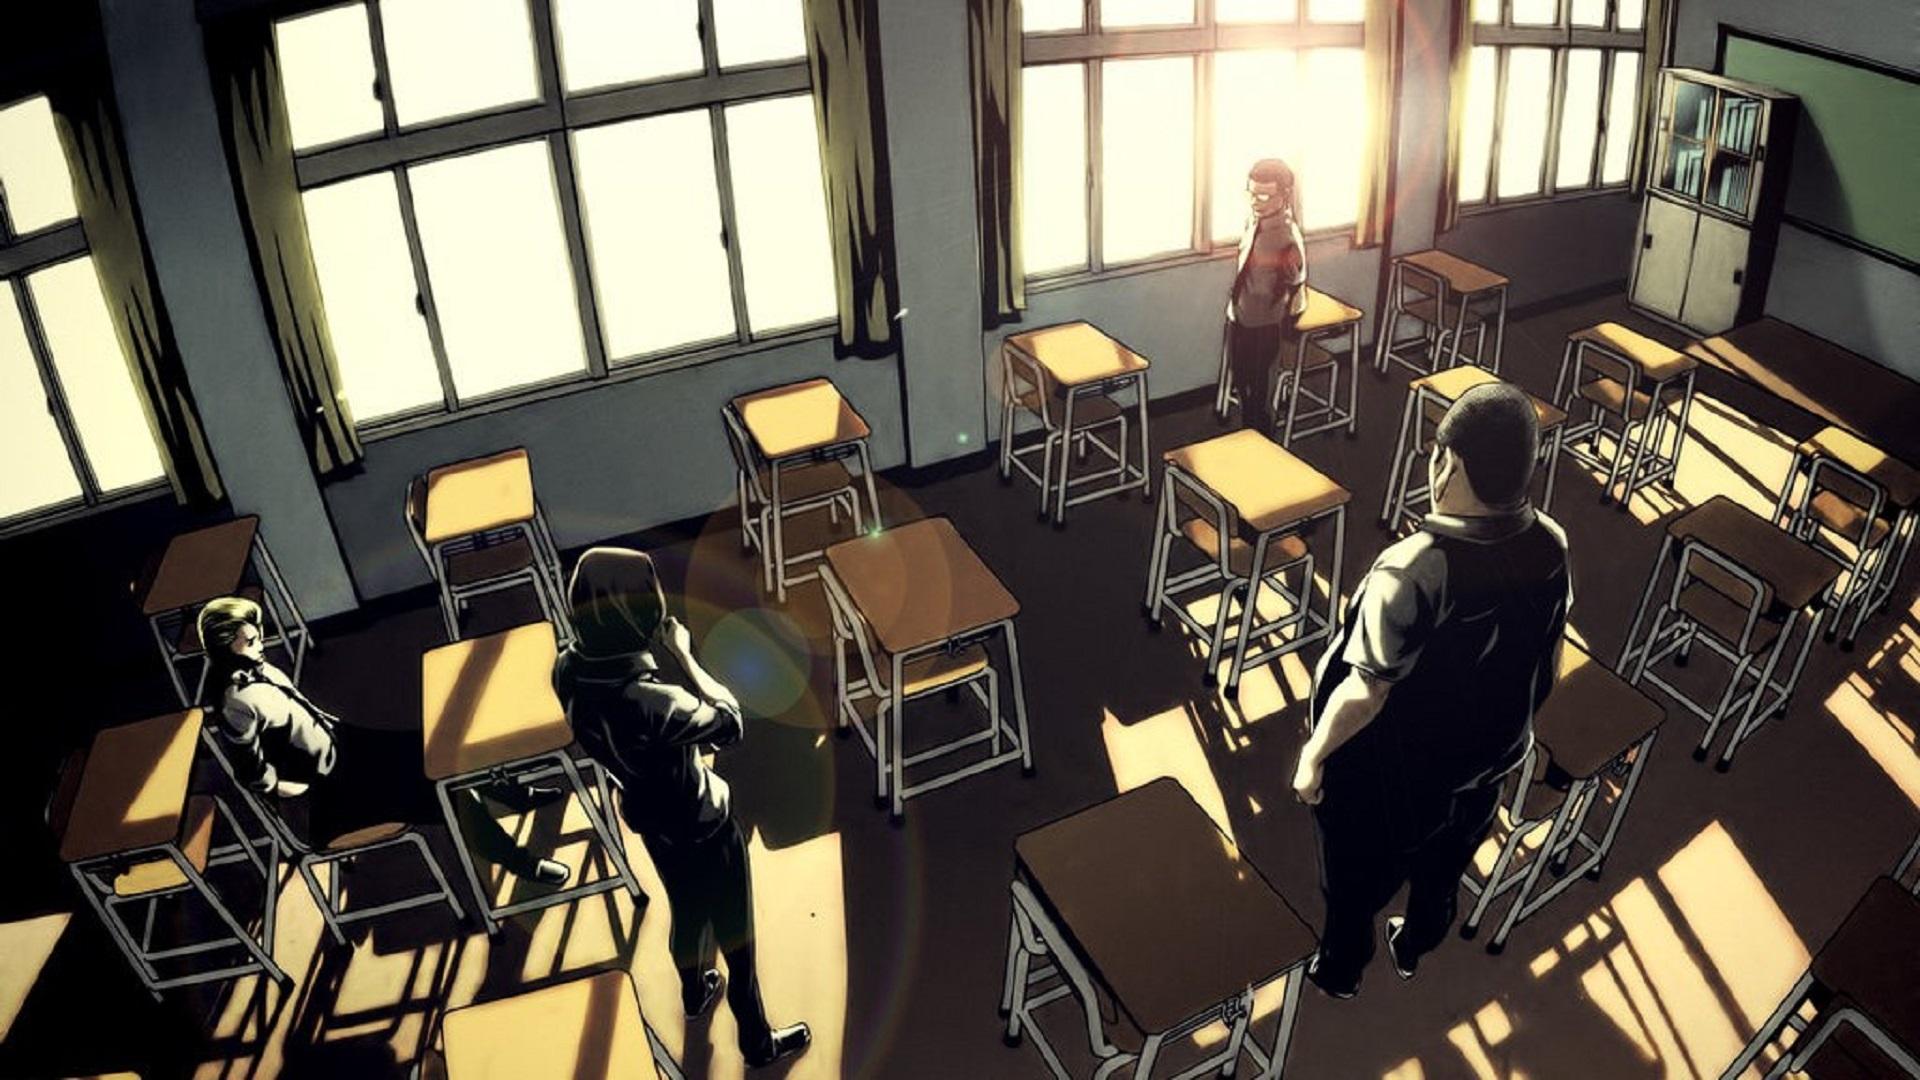 Prison School HD Wallpaper 1920x1080 ID54015 1920x1080